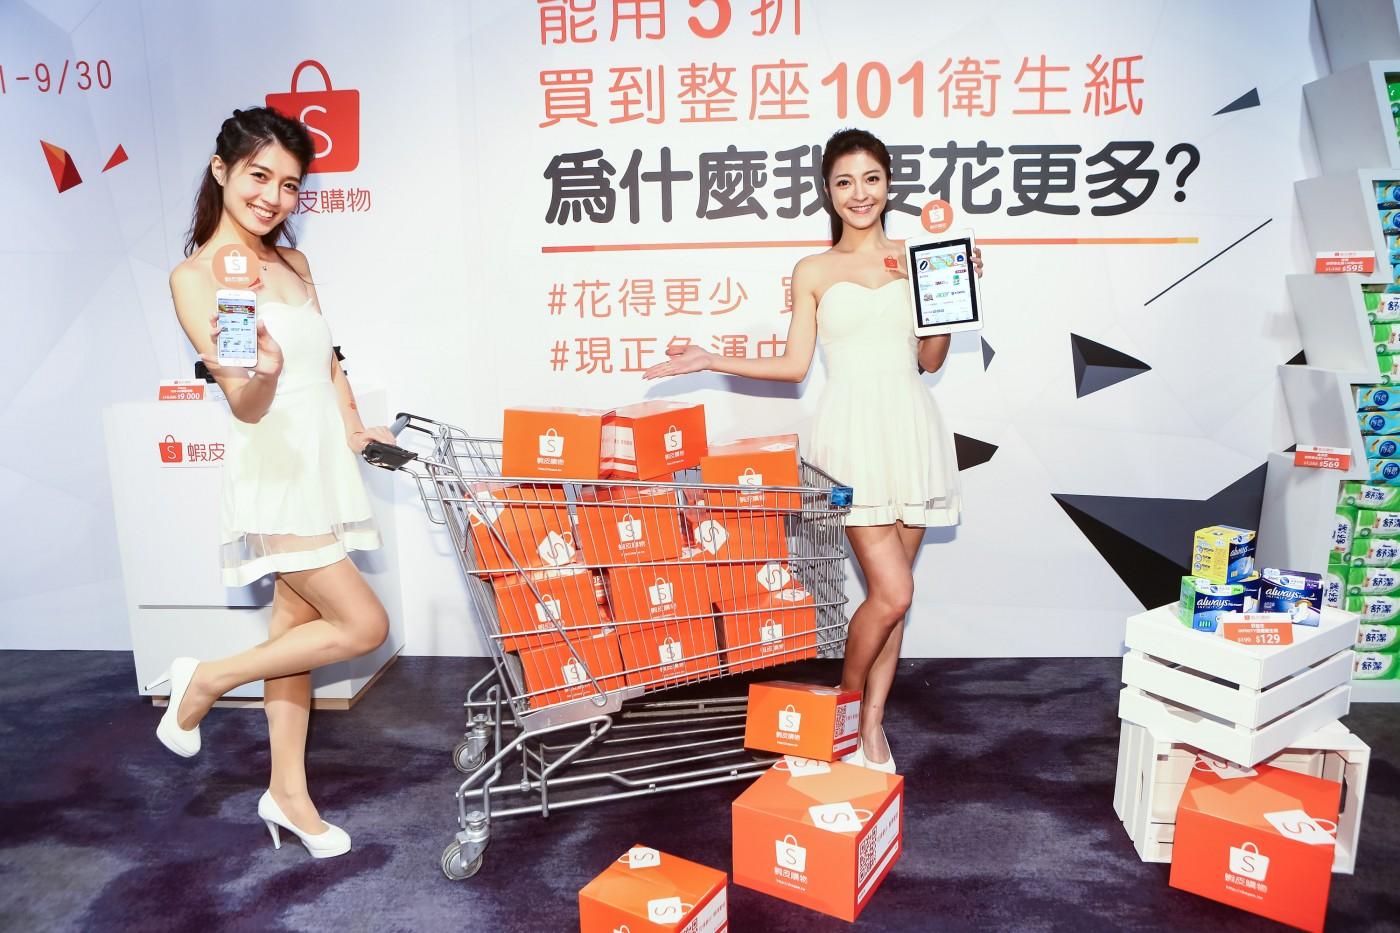 蝦皮今年GMV目標倍增上看2350億,台灣市場的交易量占比持續下滑